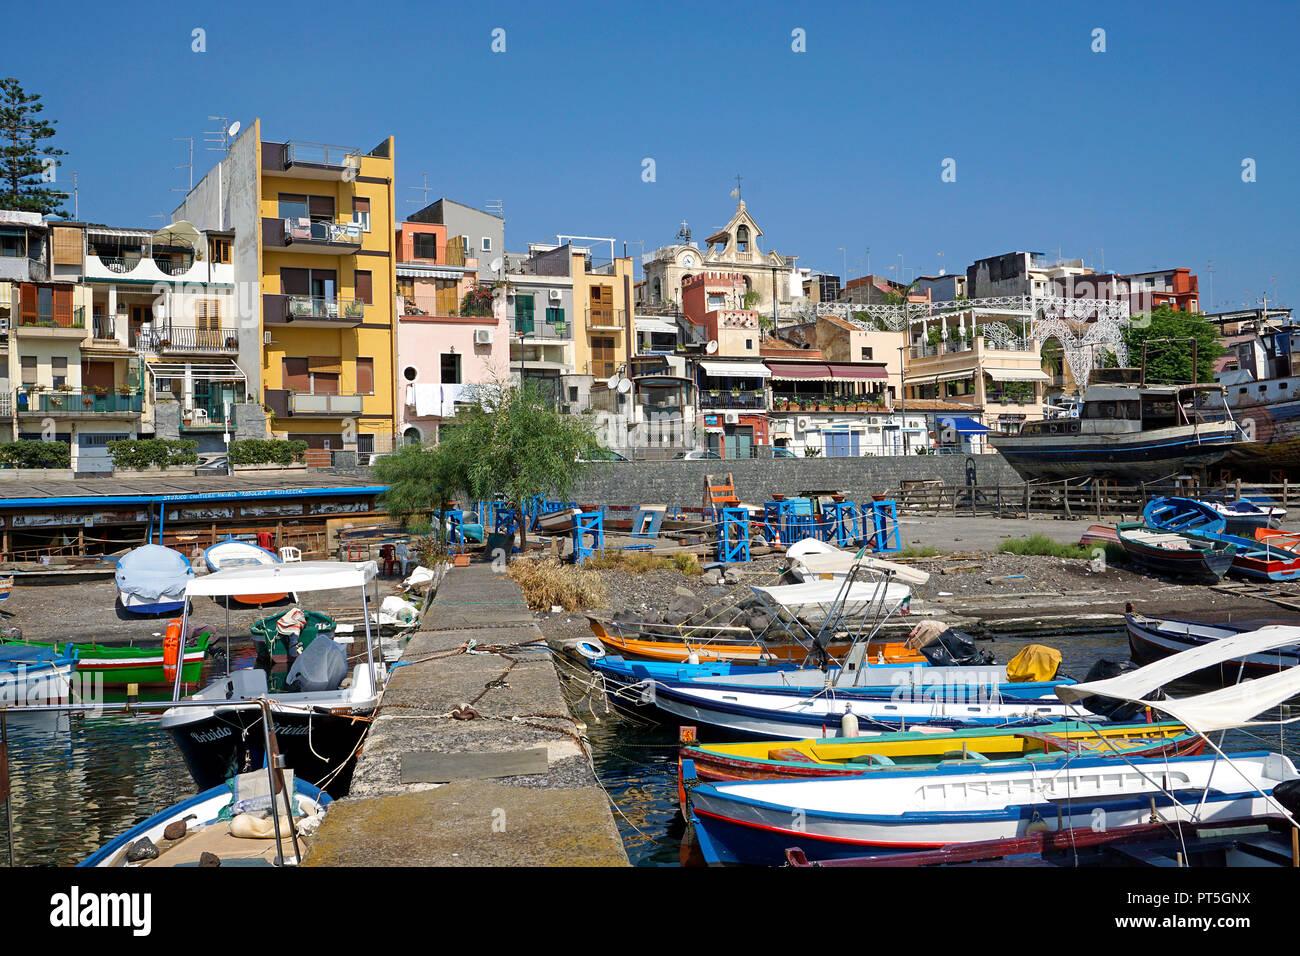 Porto del villaggio di pescatori di Aci Trezza, comune di Aci Castello, Catania, Sicilia, Italia Immagini Stock